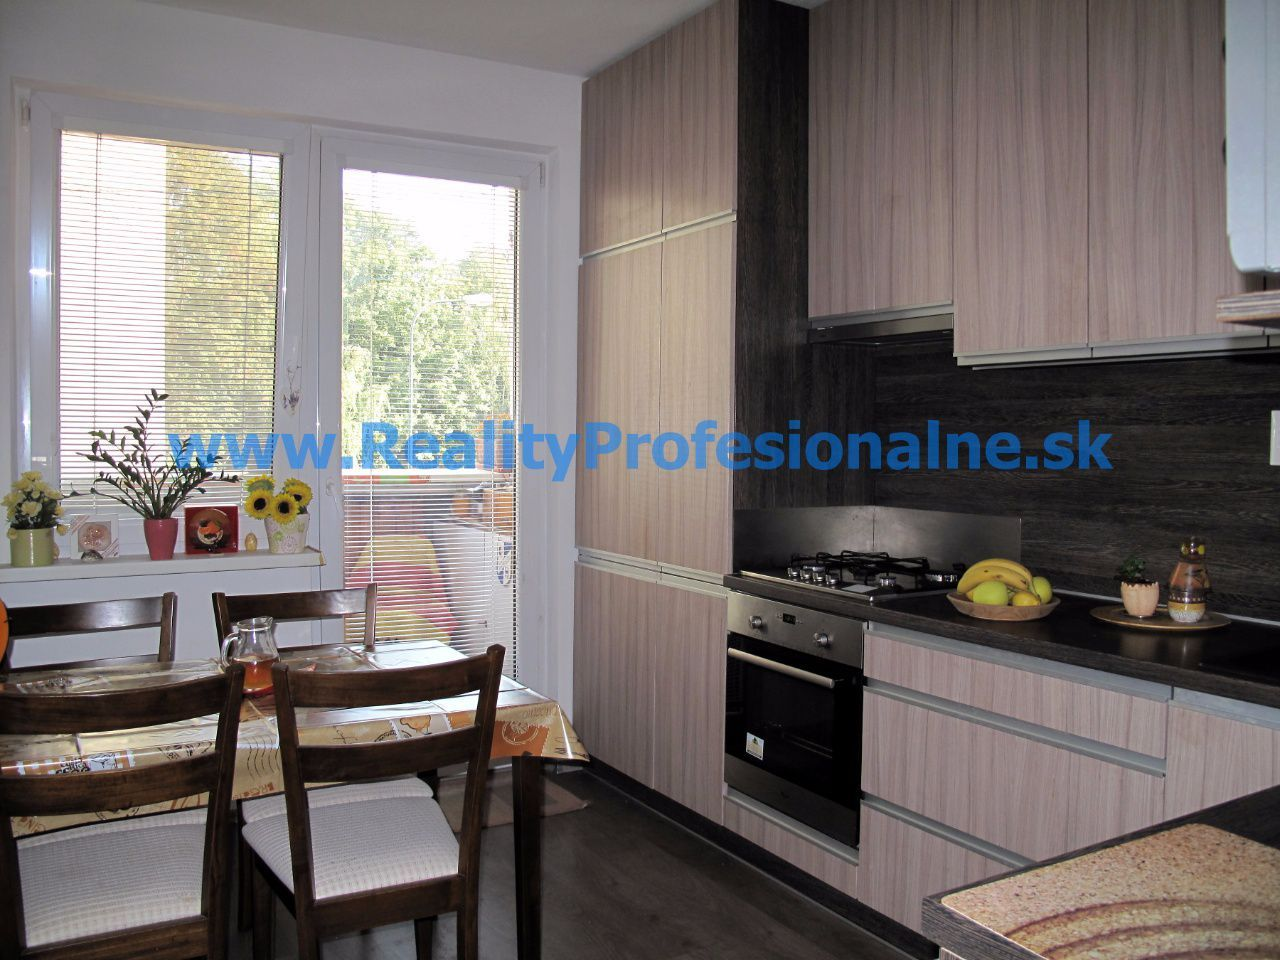 PREDANÉ ZA 7 DNÍ: 4 izbový byt, Petržalka - Ovsište, najlepšie miesto na bývanie a výchovu detí